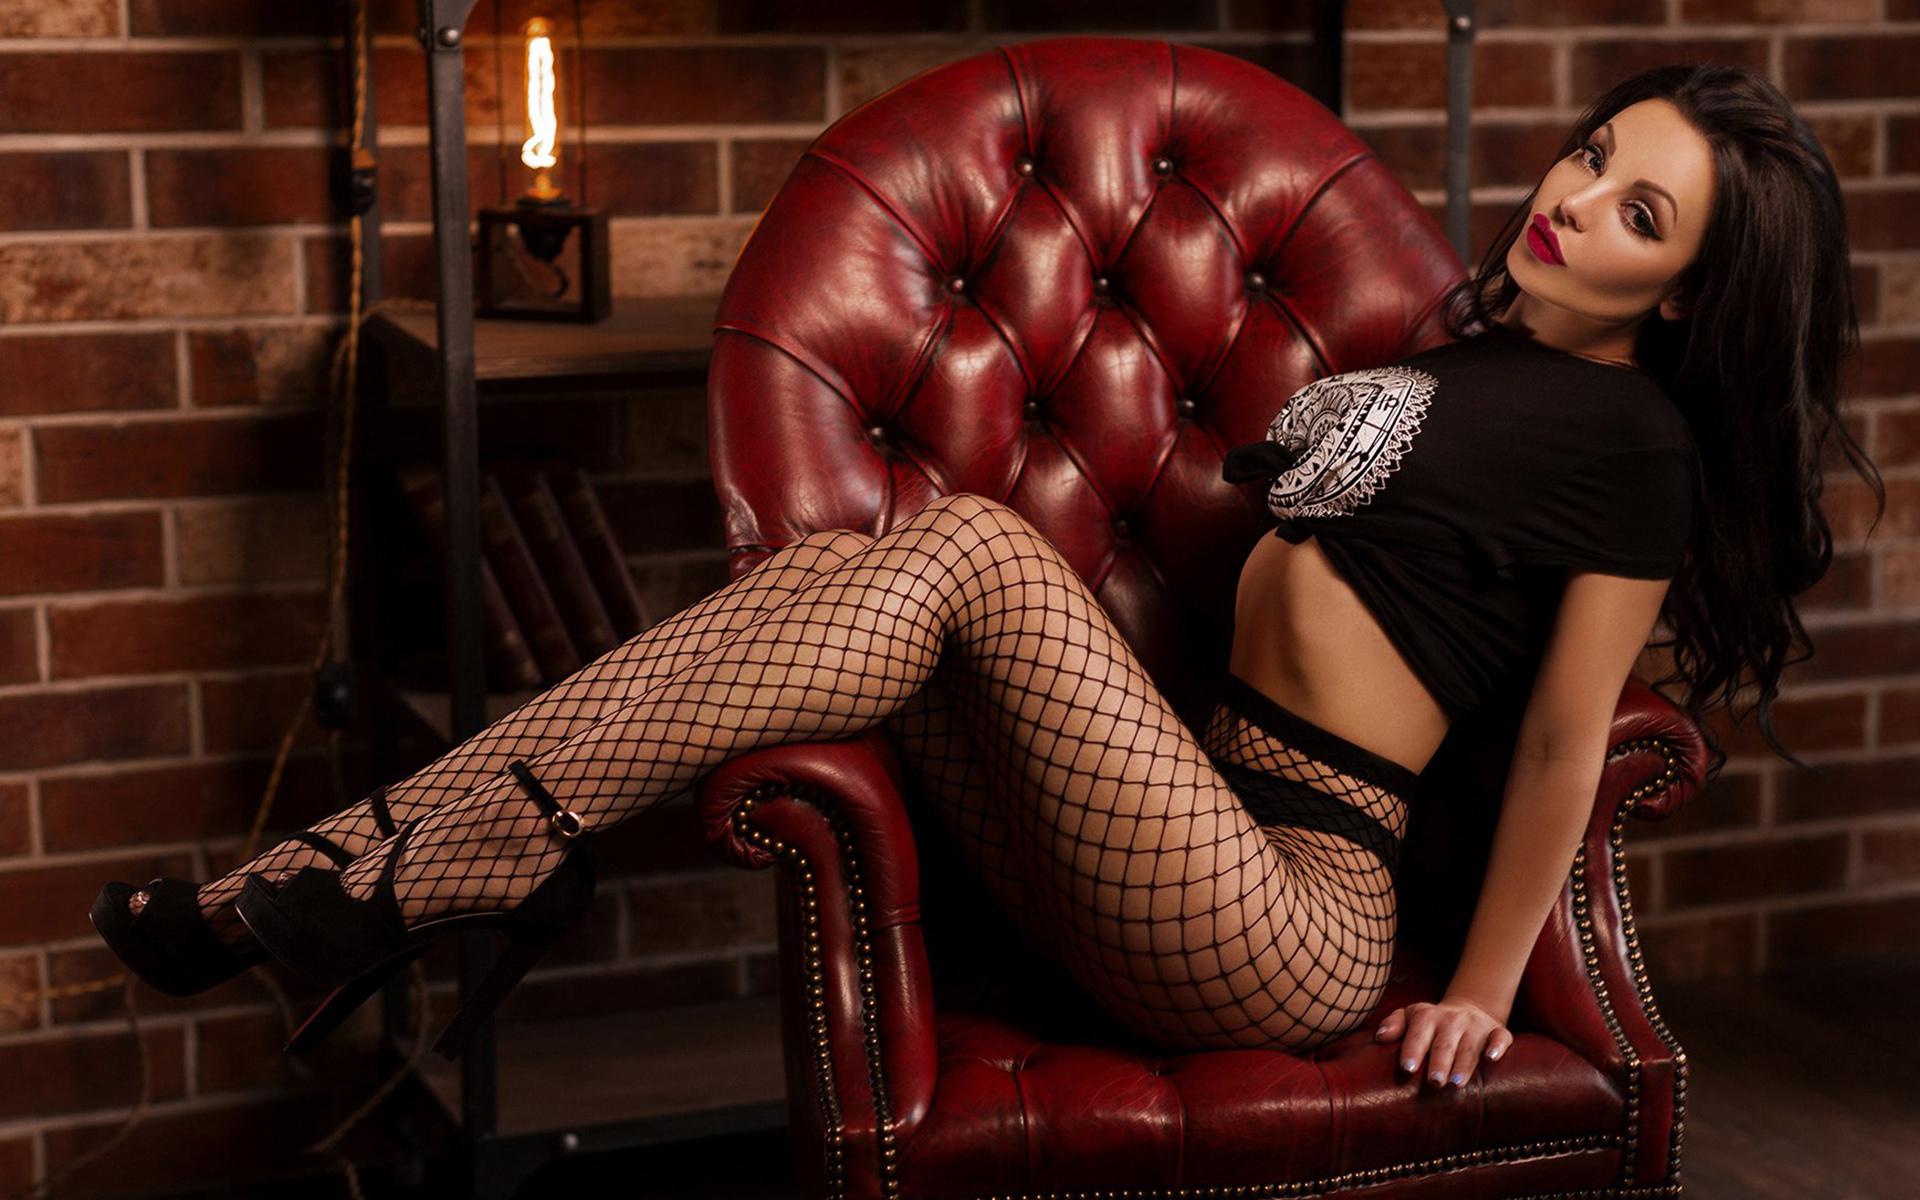 Hd элитная проститутка проститутки питера 1300